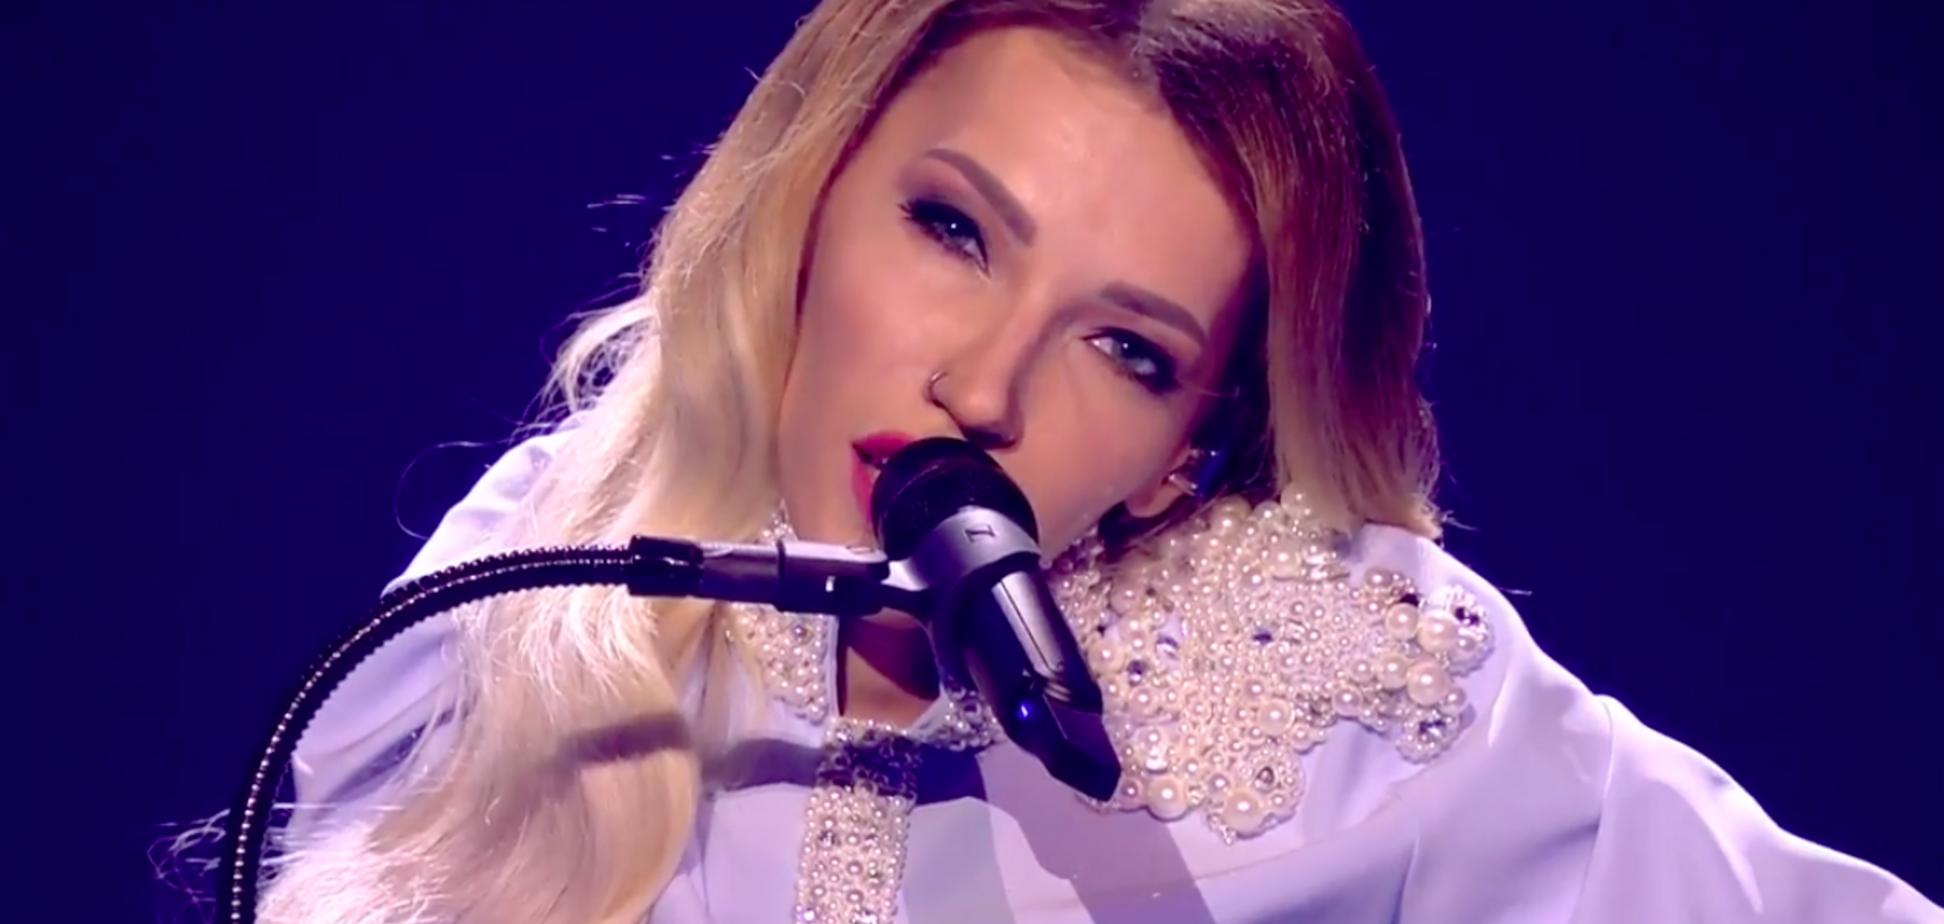 'Виновата Украина': в России оправдали провал Самойловой на 'Евровидении-2018'